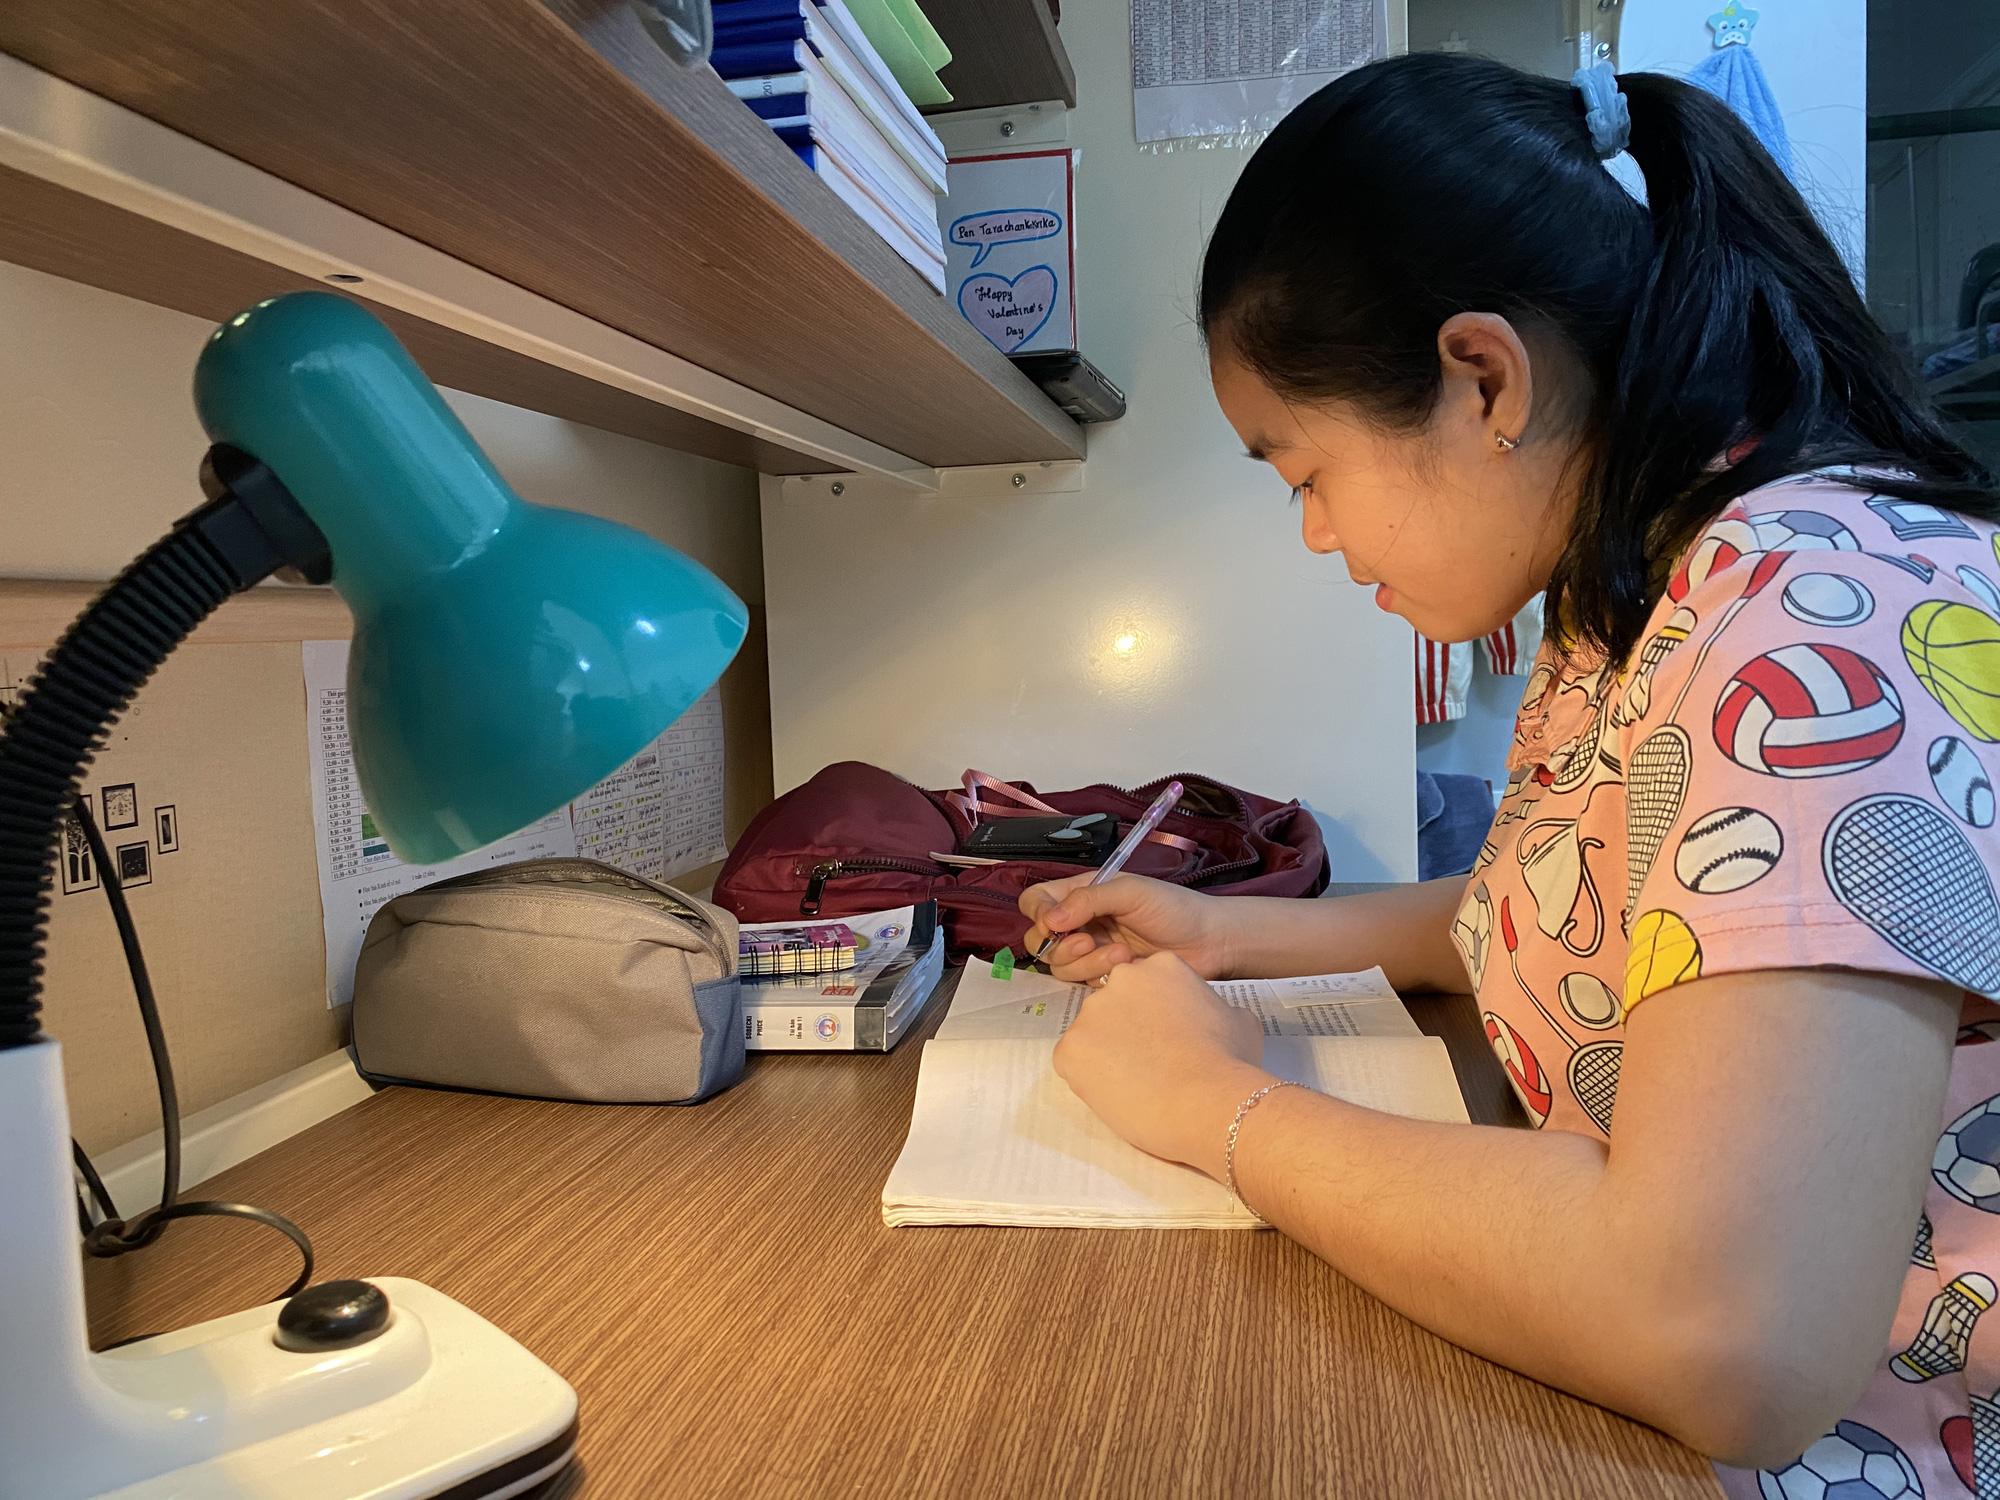 Cuộc sống đặc biệt giữa bối cảnh dịch bệnh Covid-19 của những sinh viên, lưu học sinh nước ngoài trên đất Việt - Ảnh 5.